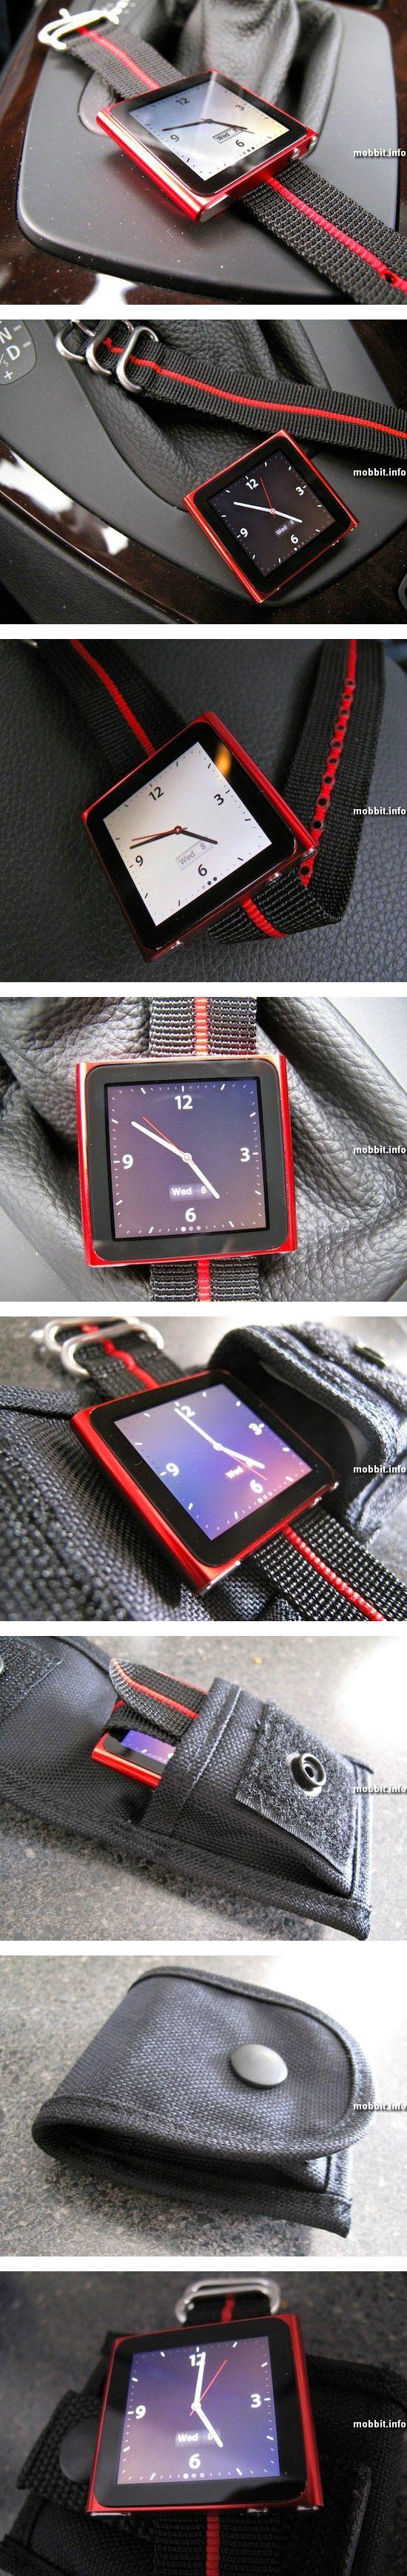 Специальные ремешки для iPod nano